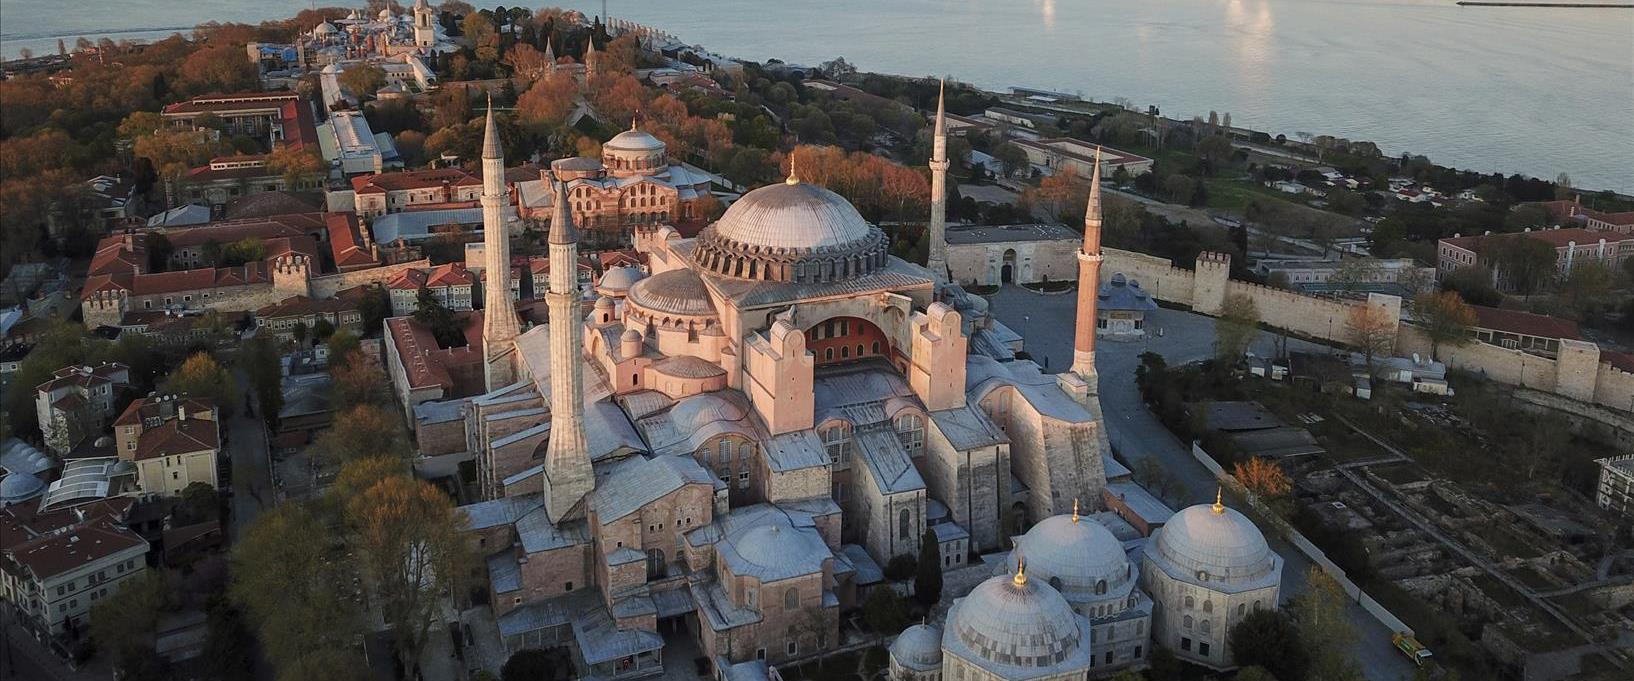 איה סופיה באיסטנבול